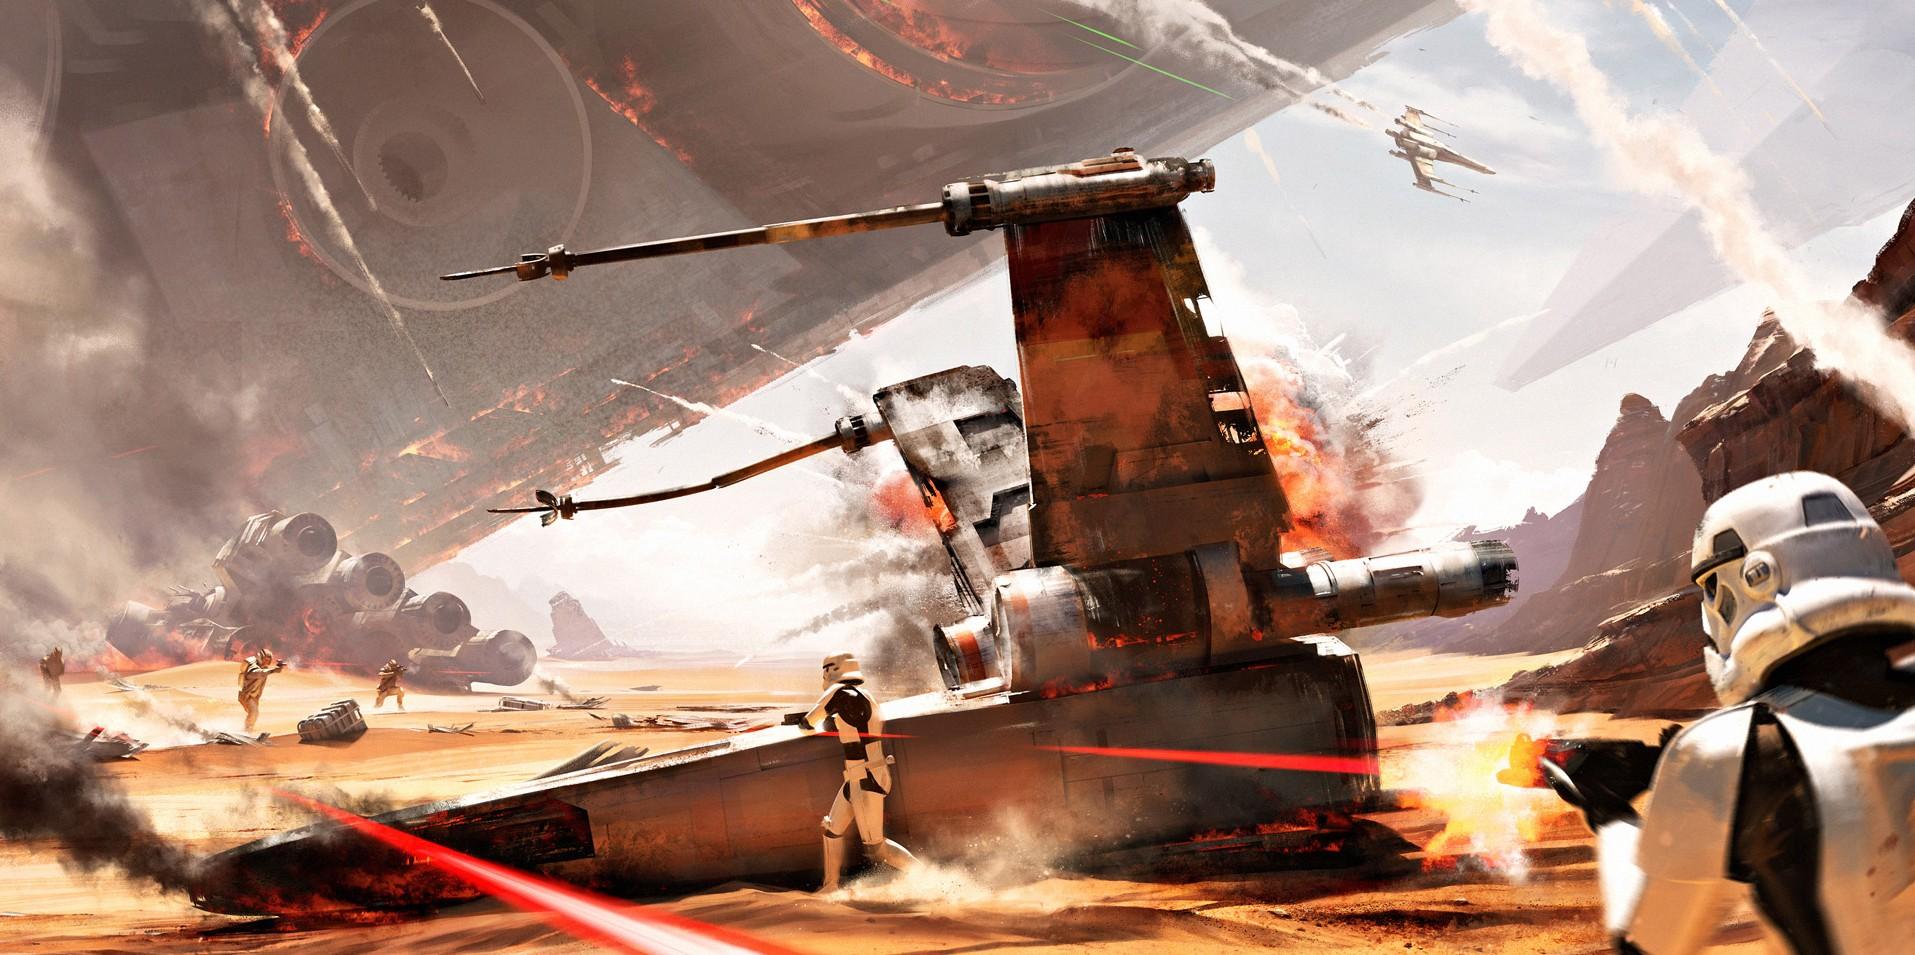 jakku star wars the force awakens